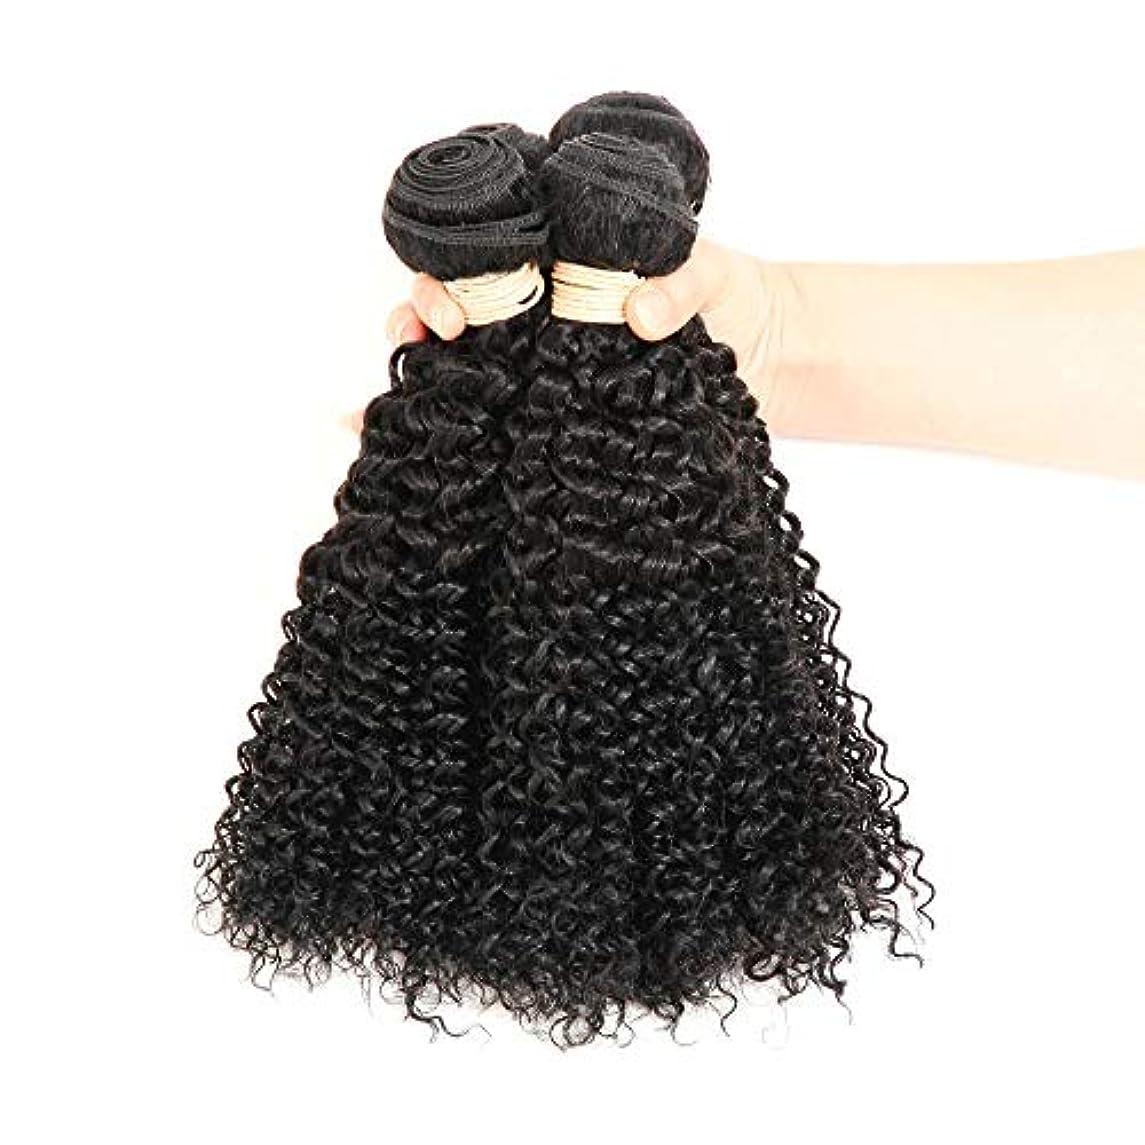 瞑想的入り口稼ぐHOHYLLYA ブラジルのバージン人間の髪の毛の束ブラジルの変態カーリー織り人毛ナチュラルブラック色16-22インチ(100 +/- 5g)/ pc 1バンドルロールプレイングかつら女性の自然なかつら (色 : 黒,...